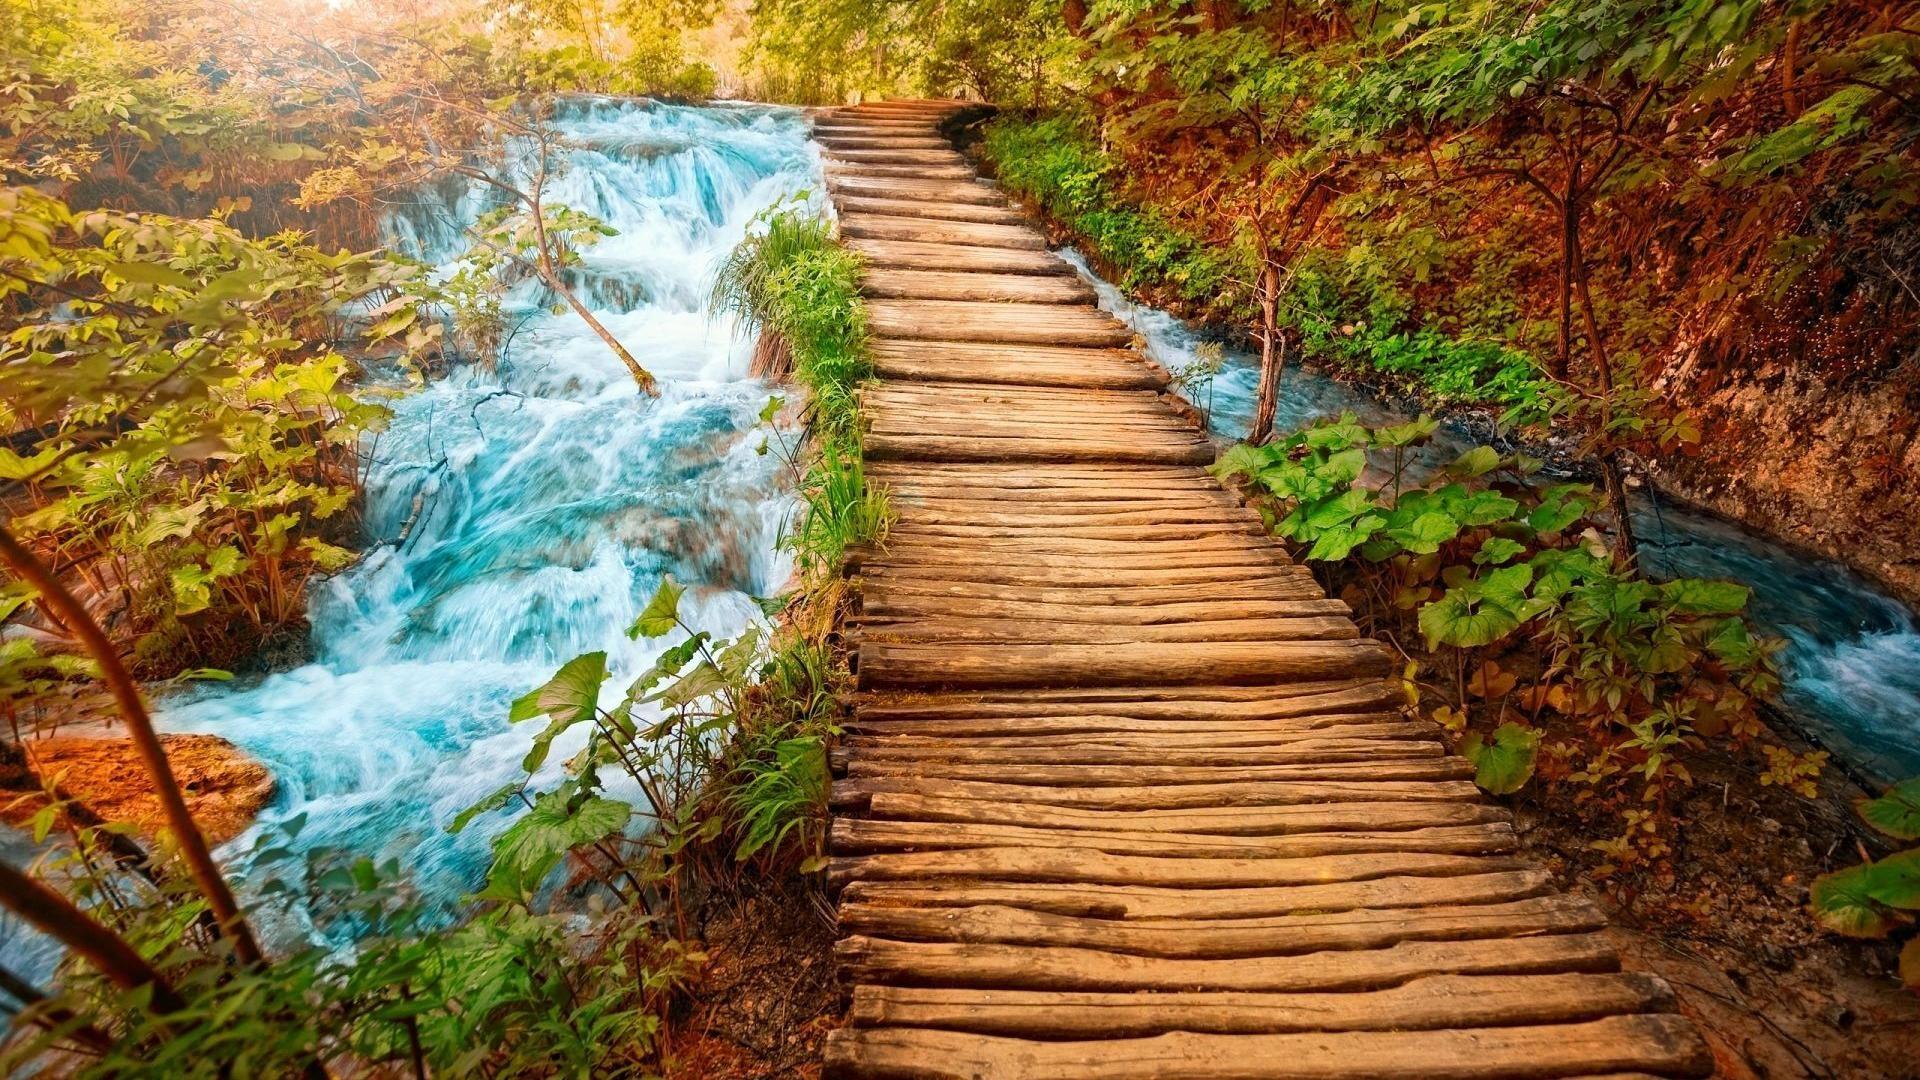 Hd Backgrounds Scenery Wallpaperhd Wiki Bridge Wallpaper Landscape Wallpaper Waterfall Pictures